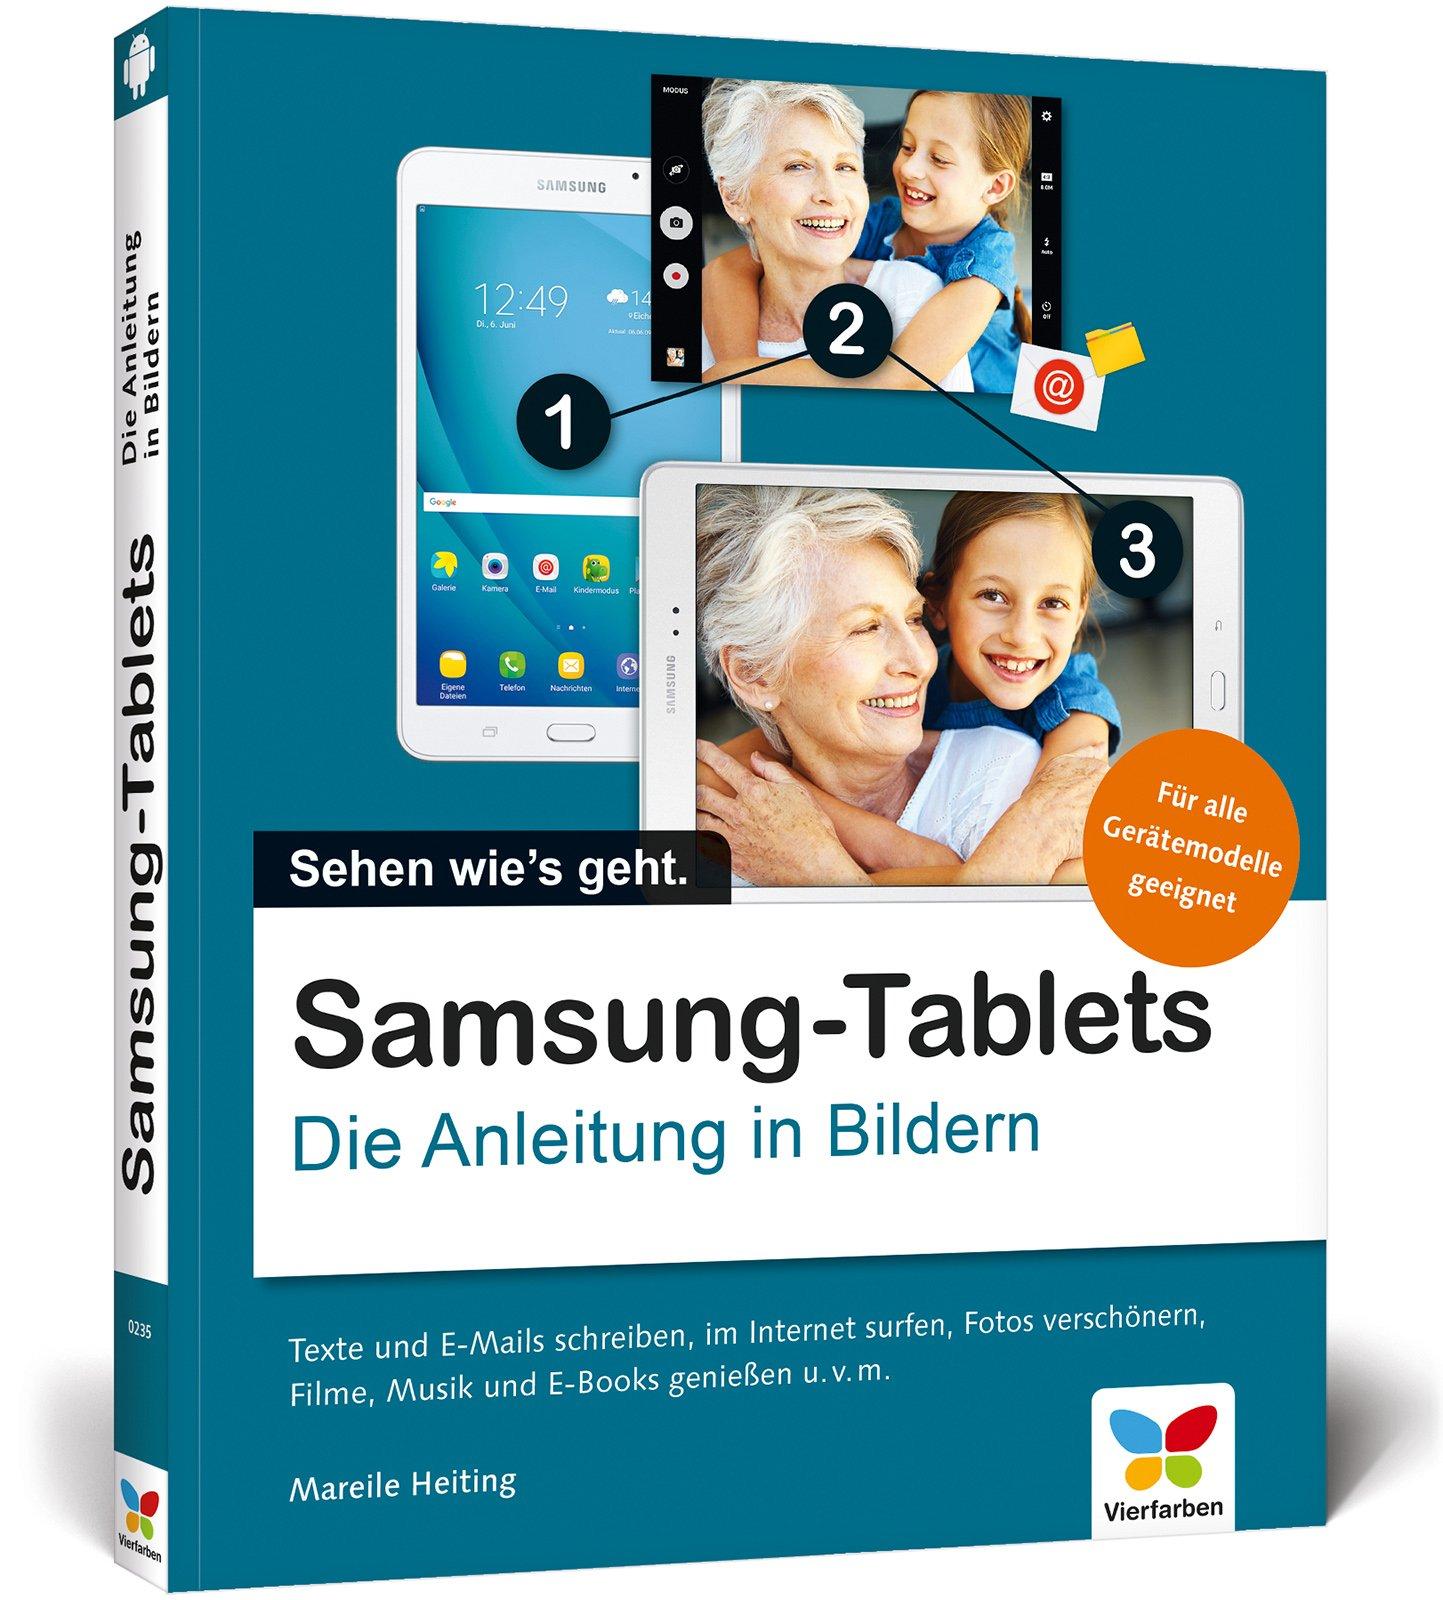 samsung-tablets-die-anleitung-in-bildern-fr-alle-samsung-gertemodelle-alle-android-funktionen-erklrt-telefonieren-surfen-chatten-fotos-und-filme-geniessen-und-mehr